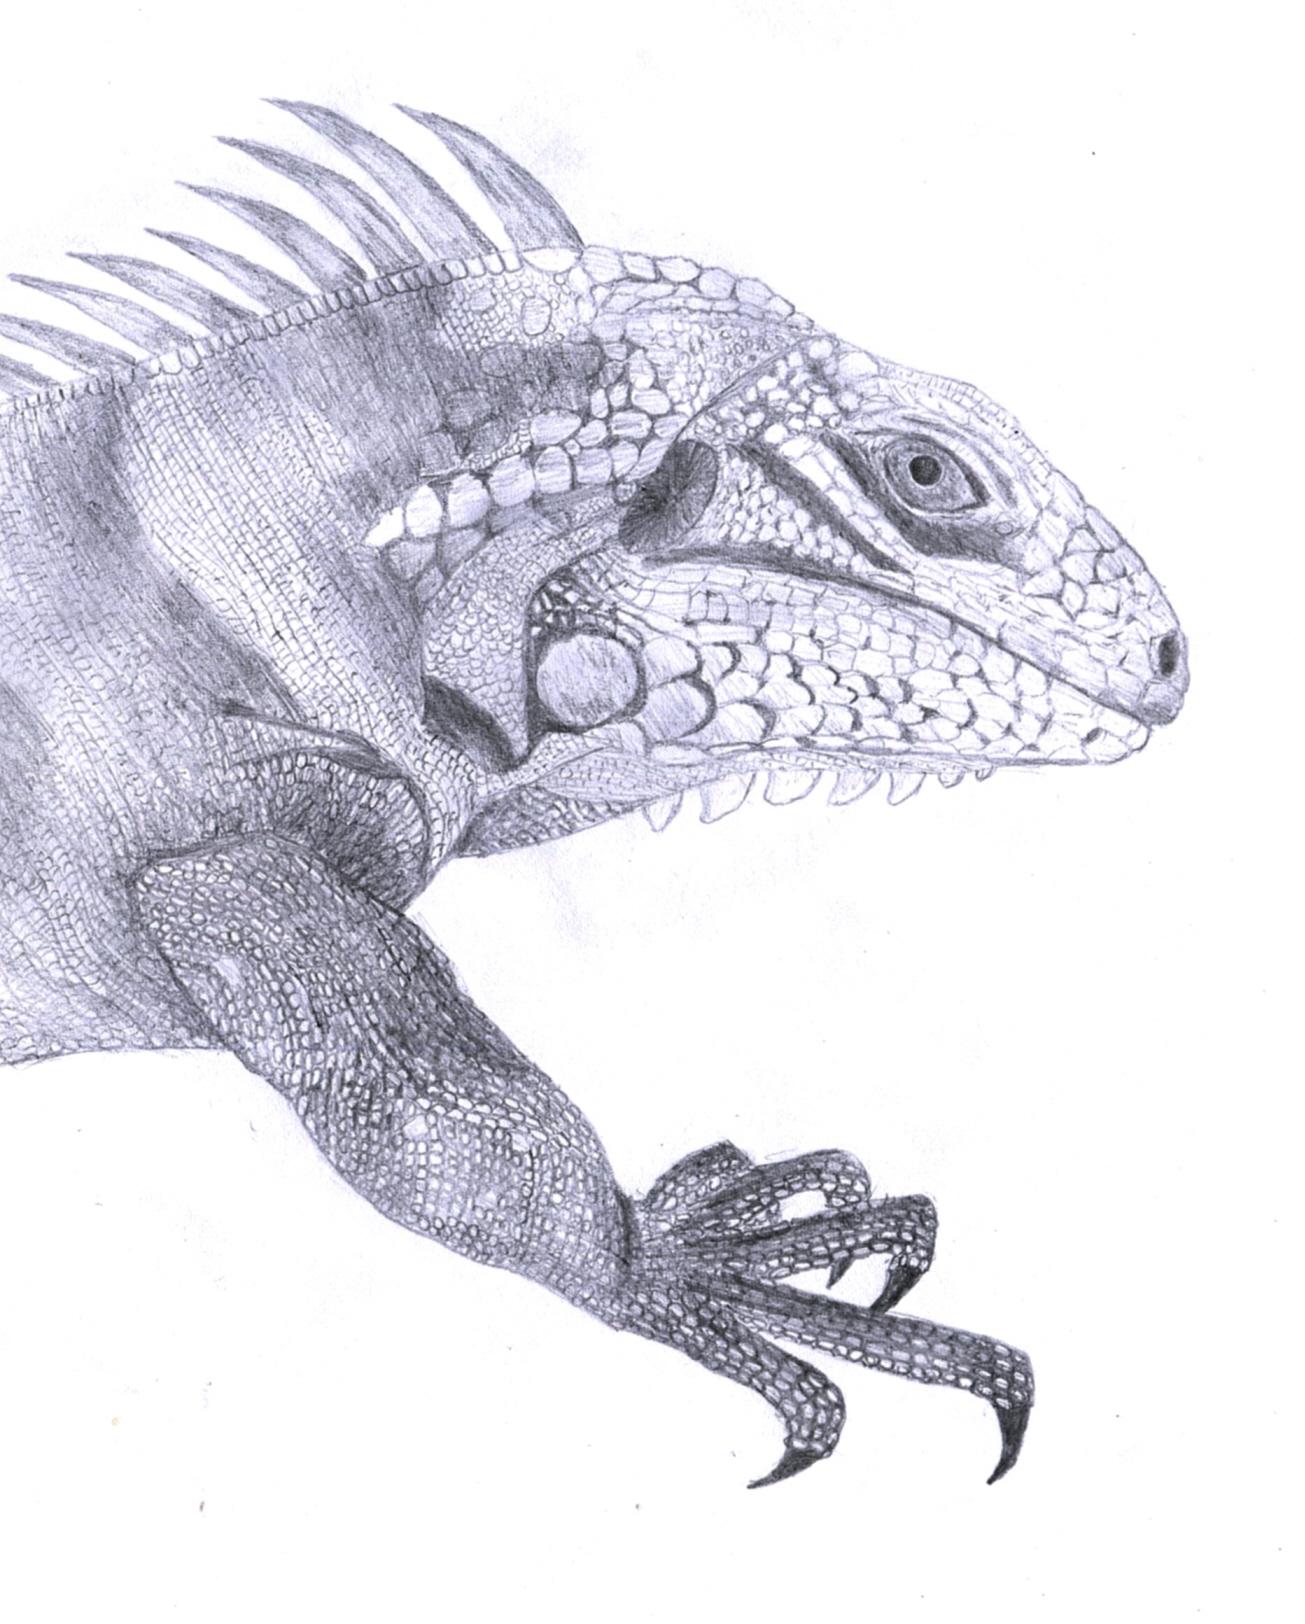 Drawn reptile iguana Iguana on Iguana The by